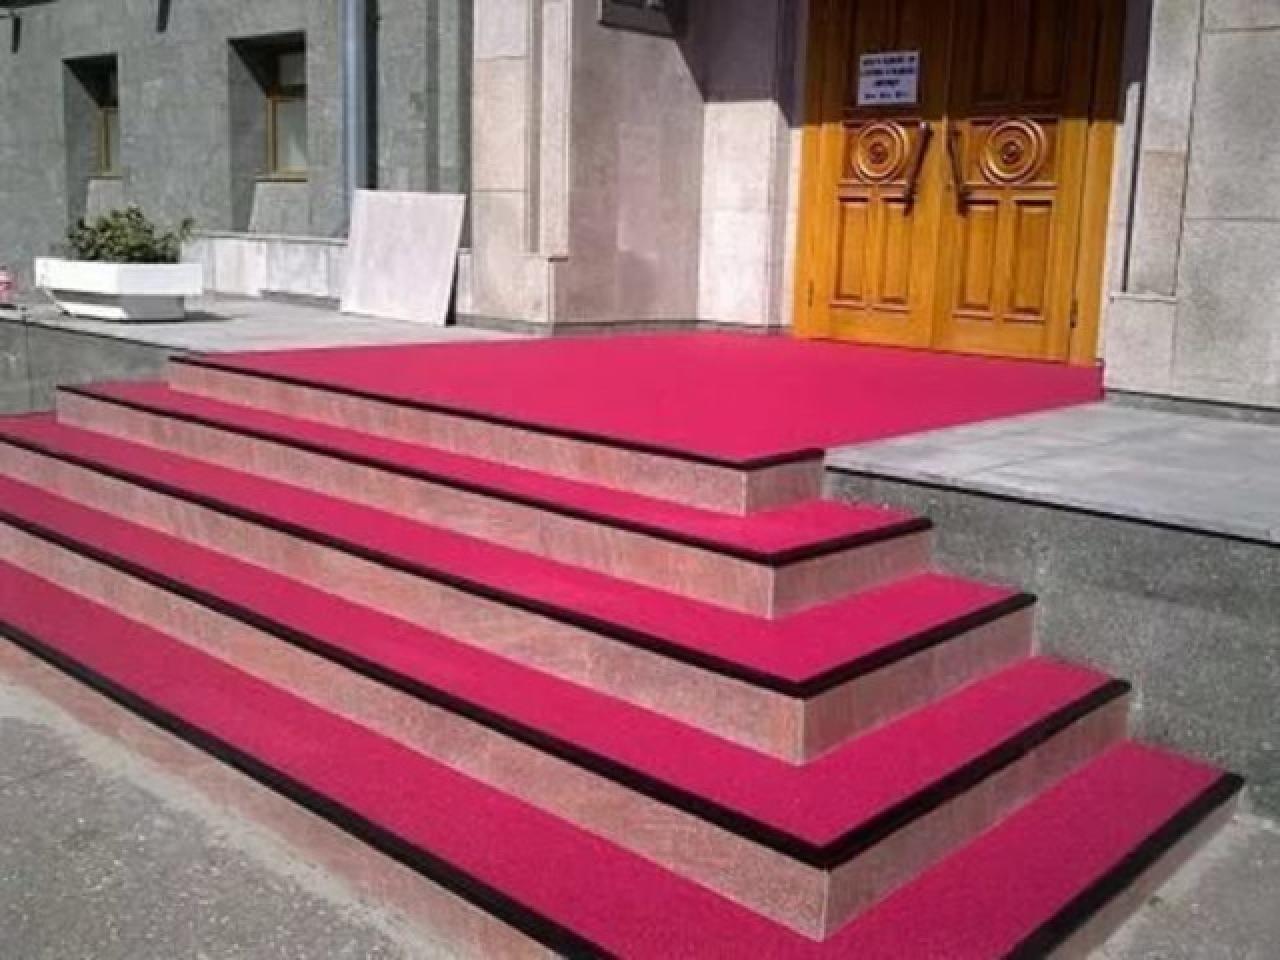 Противоскользящее покрытие для ступеней и лестницы по минимальной цене. - 2